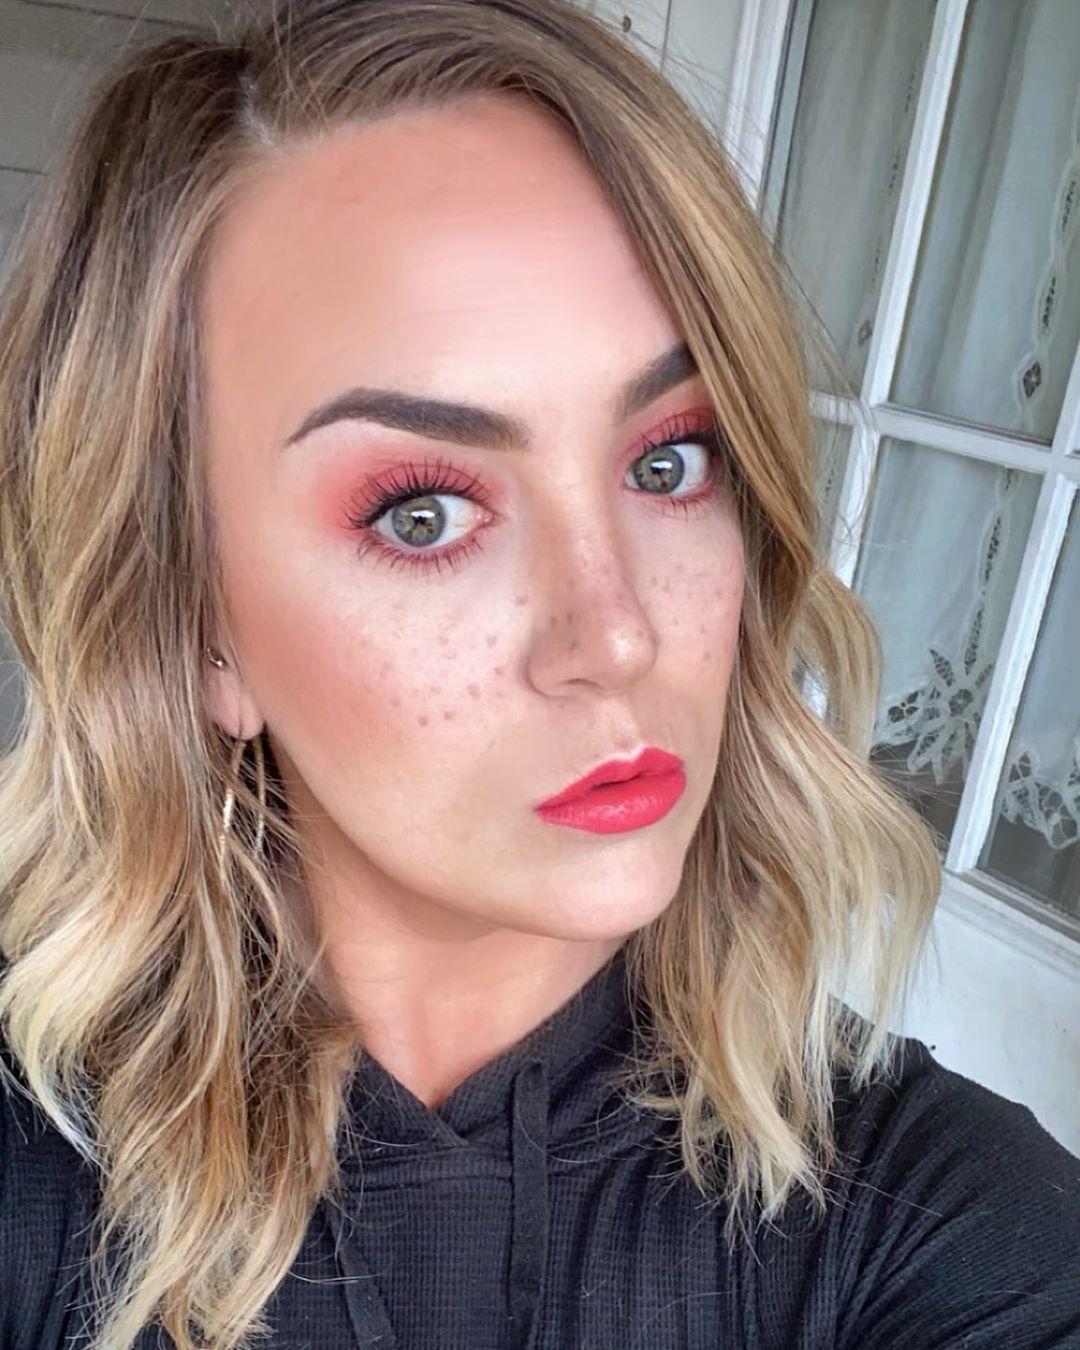 Dotted Faux Freckles Makeup technique